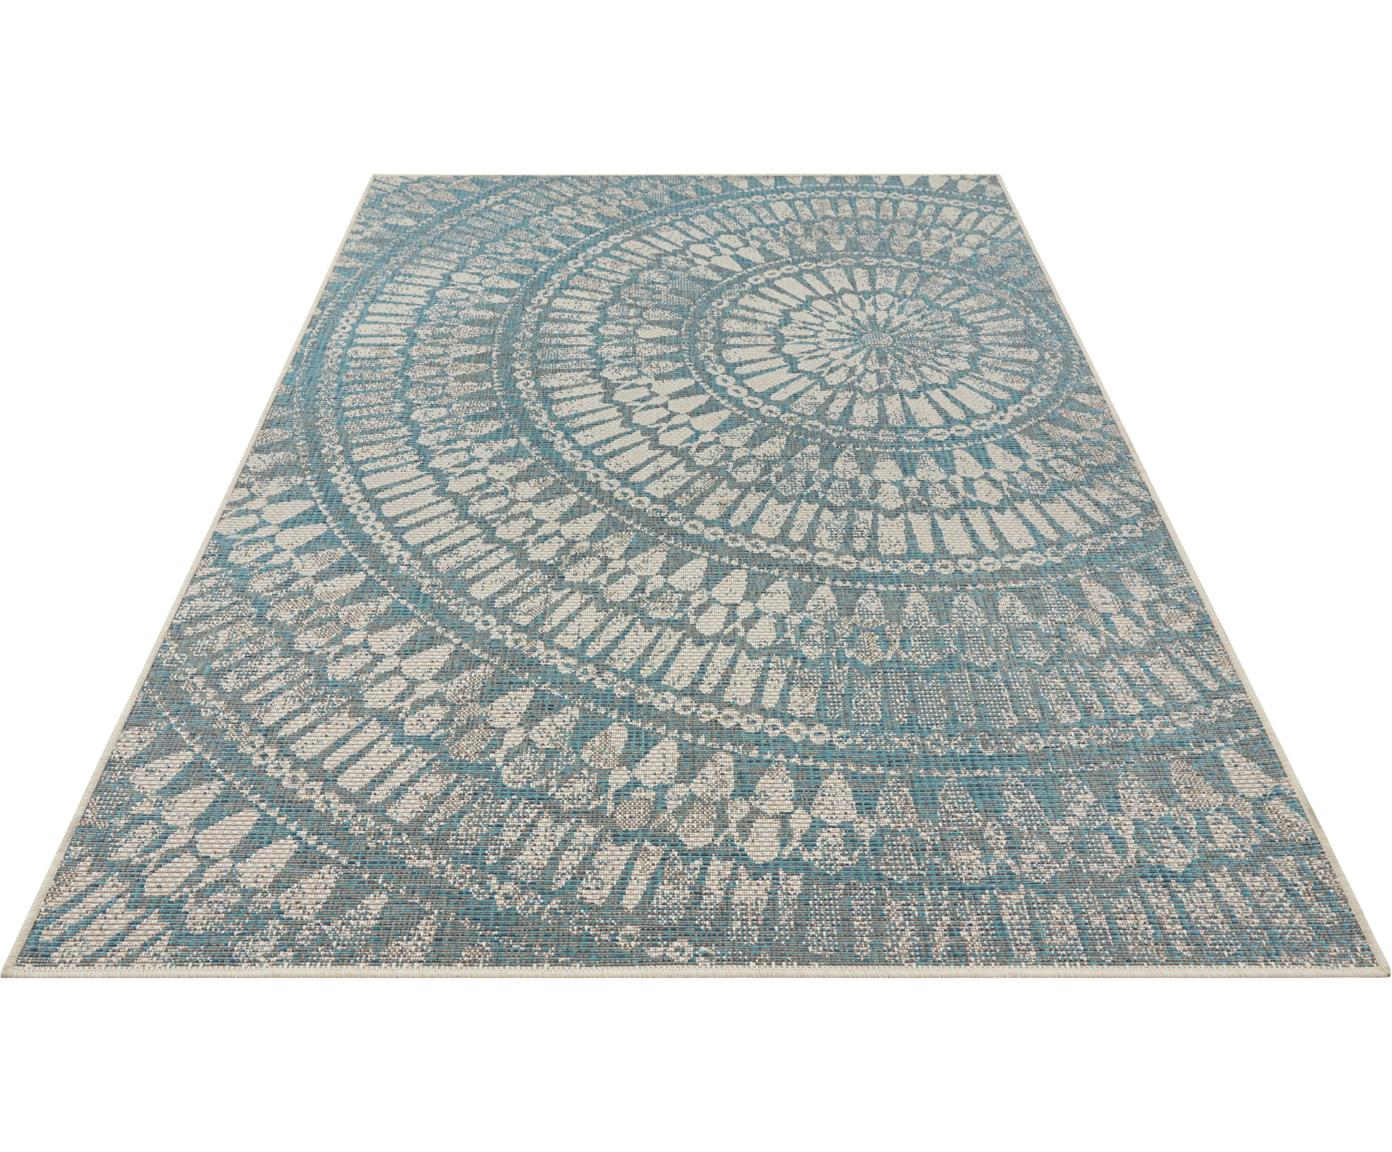 Gemusterter In- & Outdoor-Teppich Arnon, 100% Polypropylen, Türkis, Beige, B 200 x L 290 cm (Größe L)